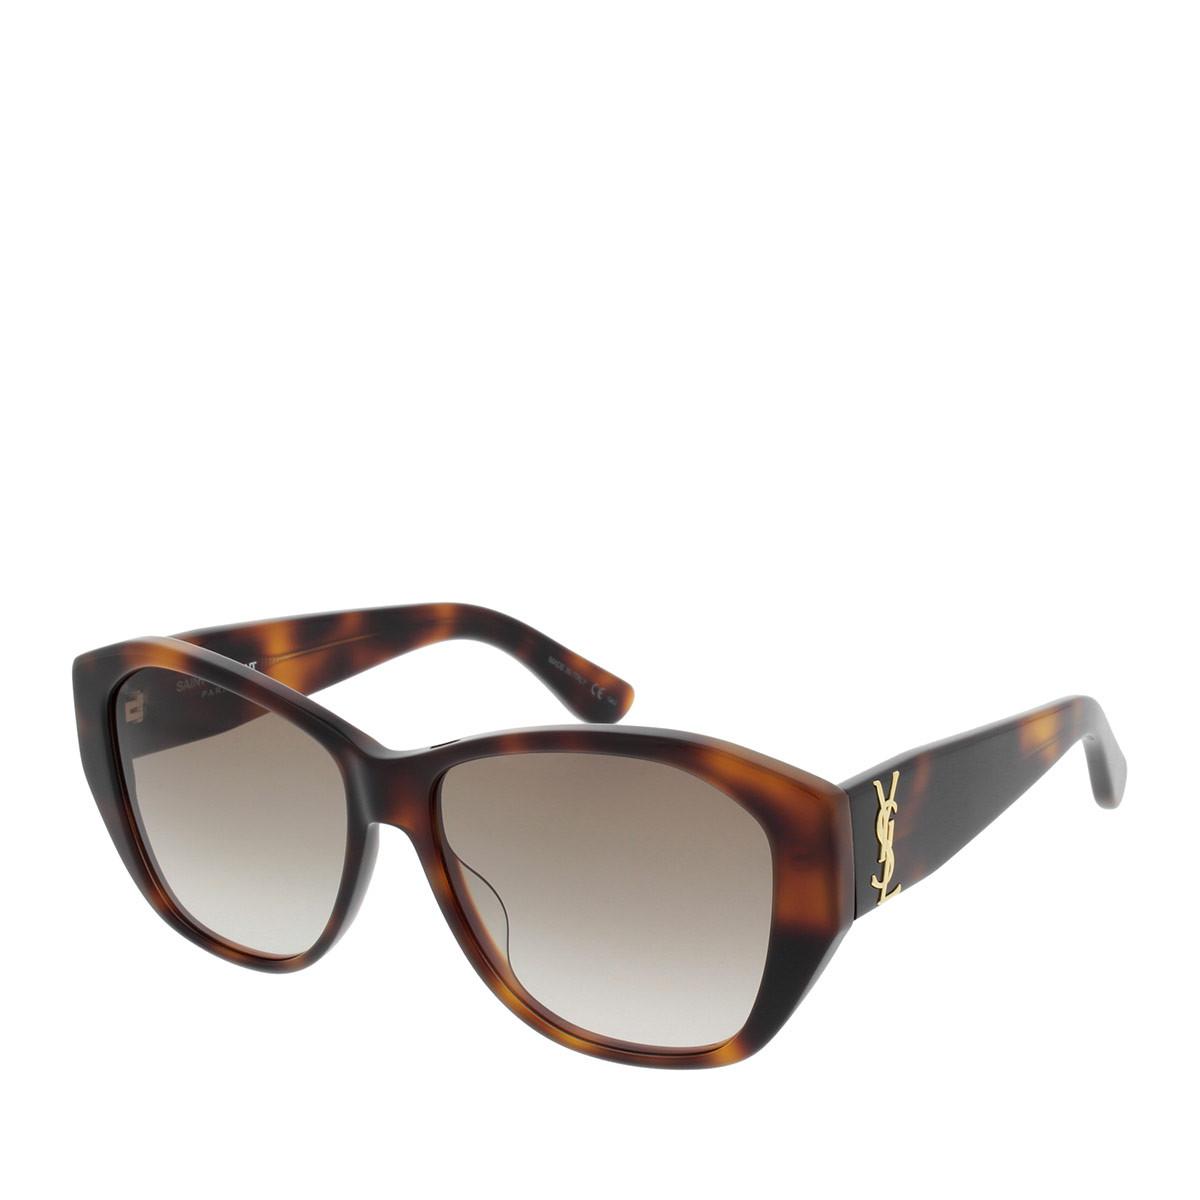 Saint Laurent Sonnenbrille - SL M8 003 56 - in braun - für Damen